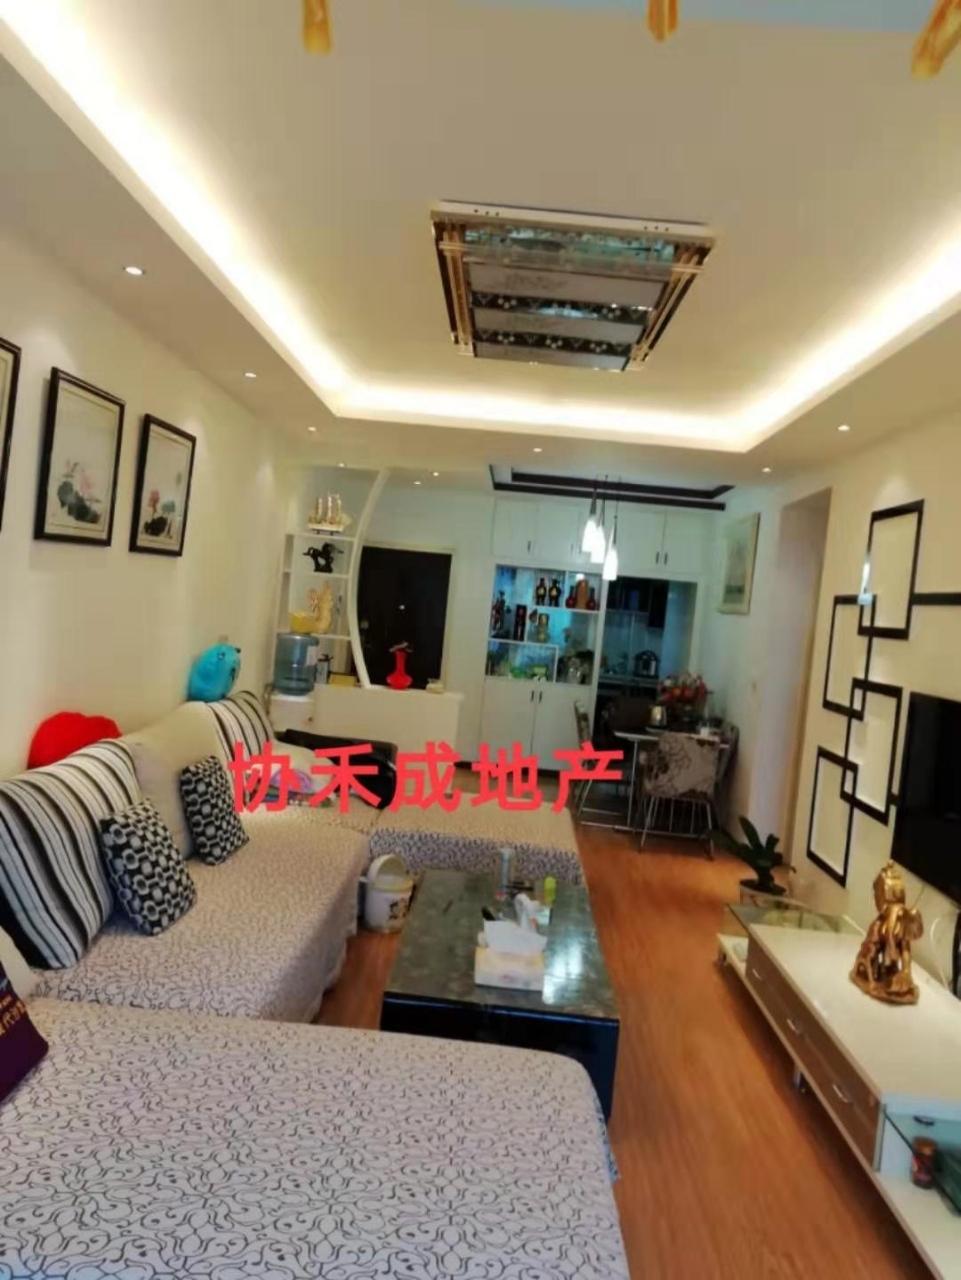 瑞安小区2室 1厅 1卫39.8万元